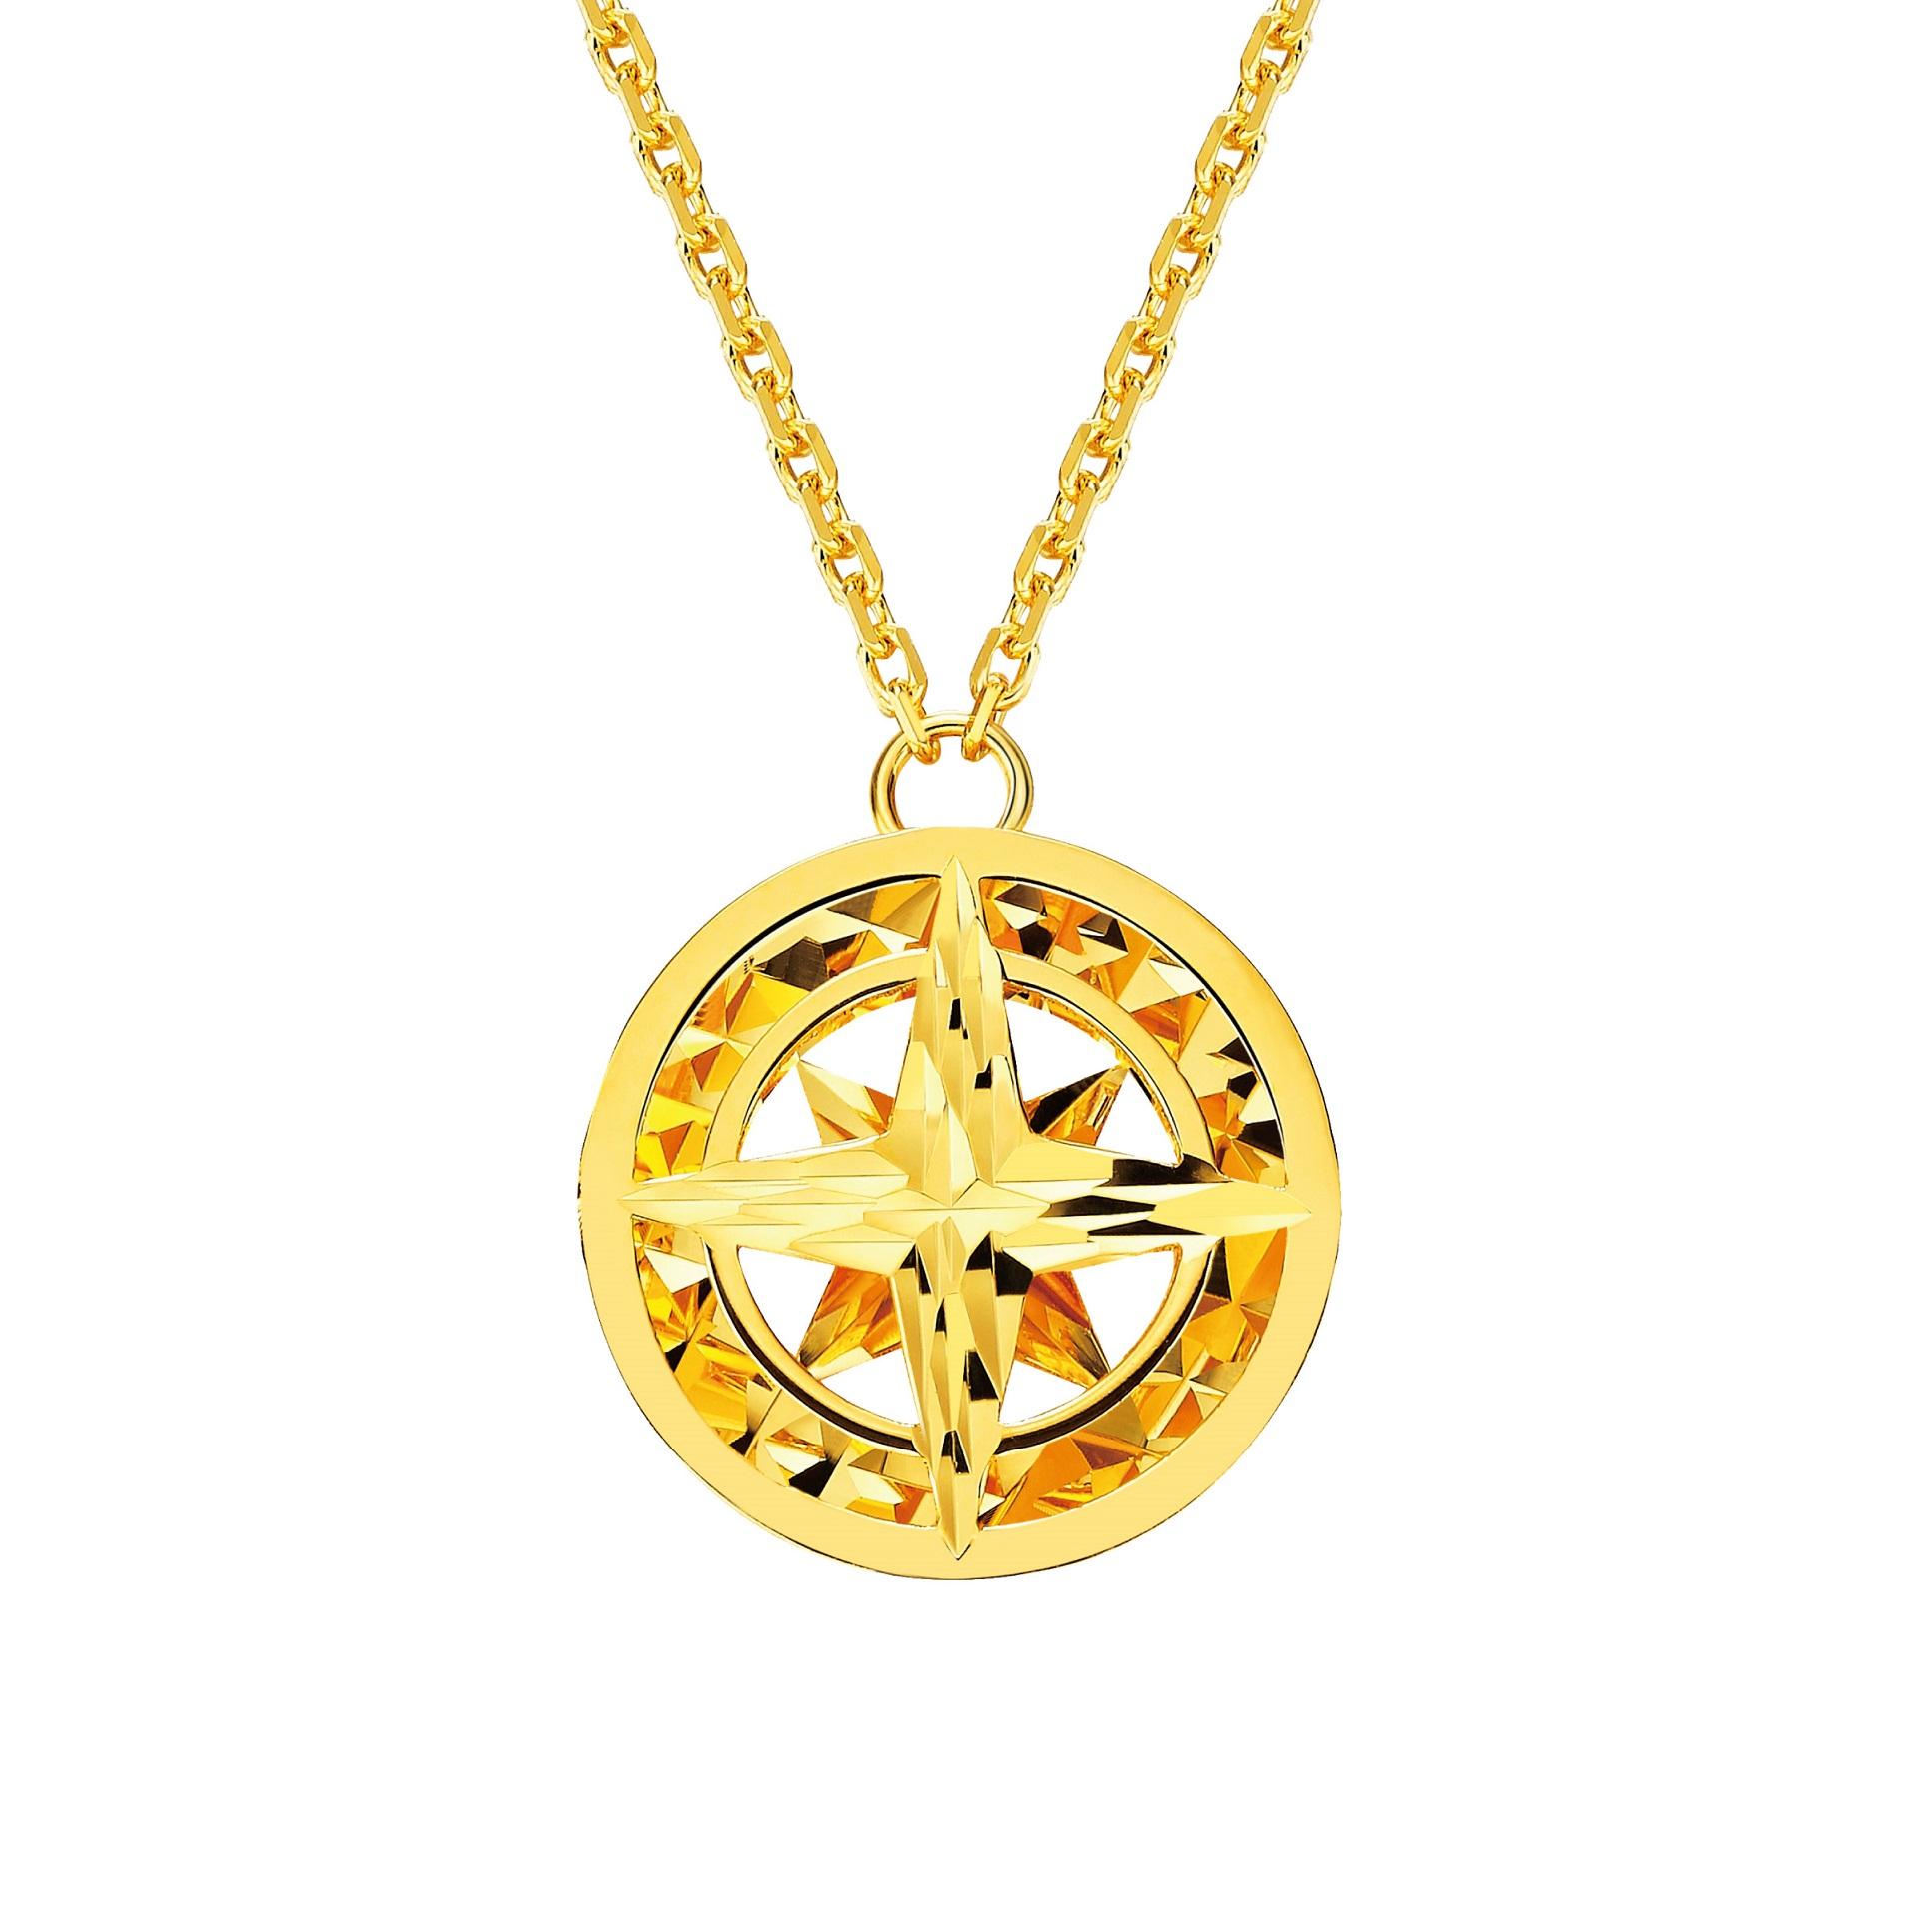 Goldstyle「星之璀璨」项链